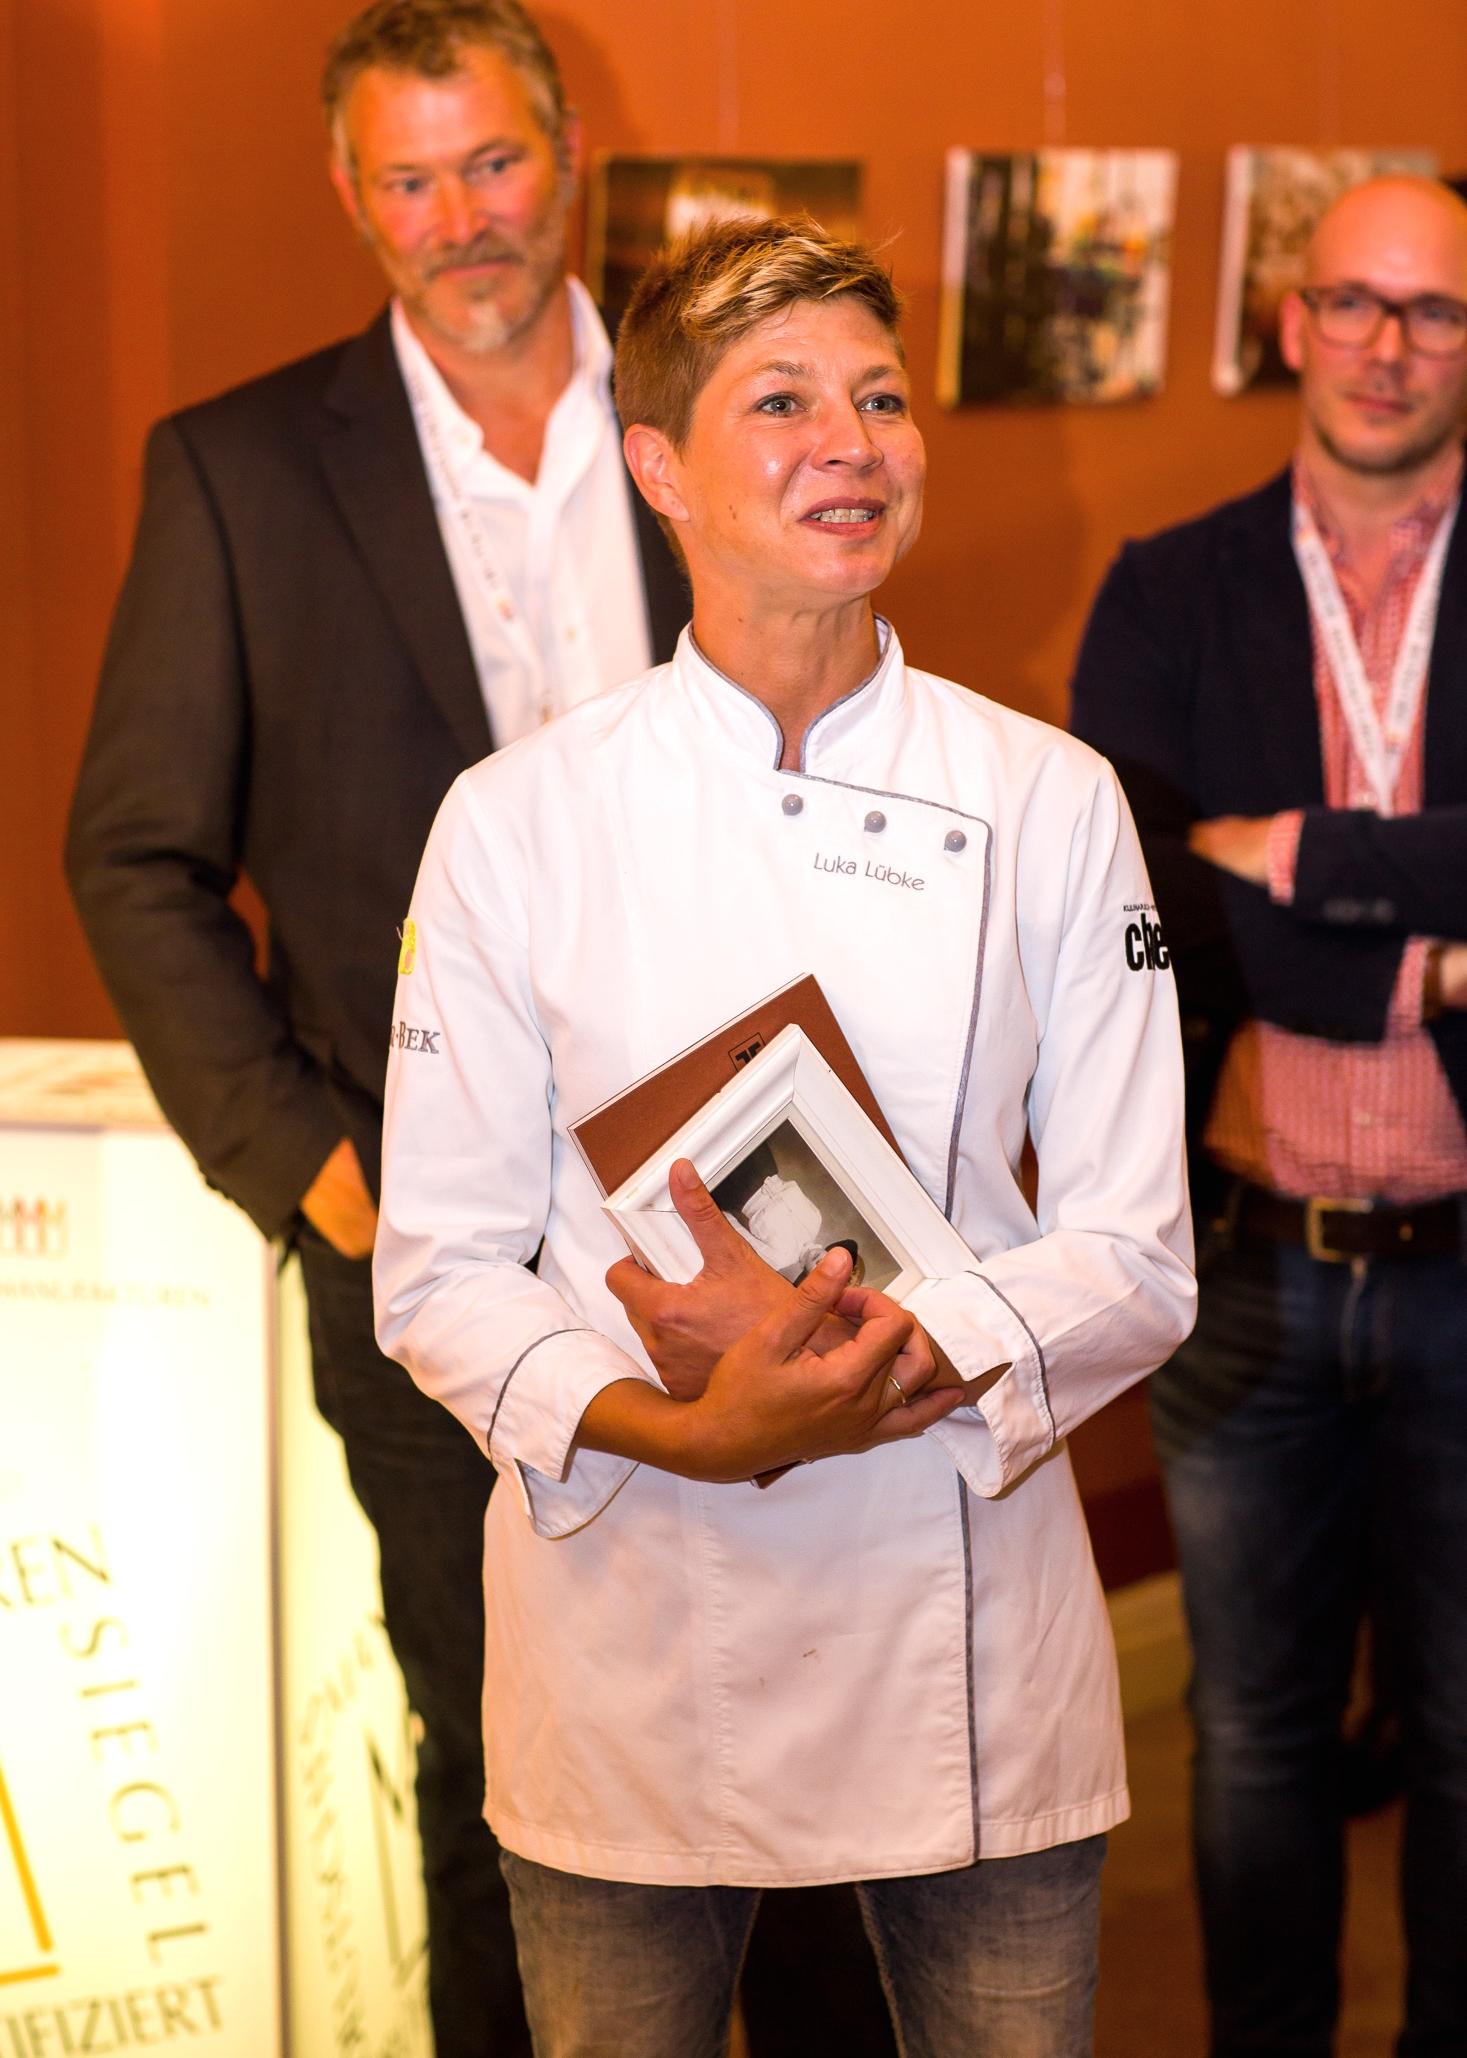 Manufakturen-Blog: Luka Lübke redet über ihre Küche und ihre Ansichten zum Essen und Kochen auf dem 3. Manufakturen-Dinner in Bremen (Foto: Christian Arne de Groot)